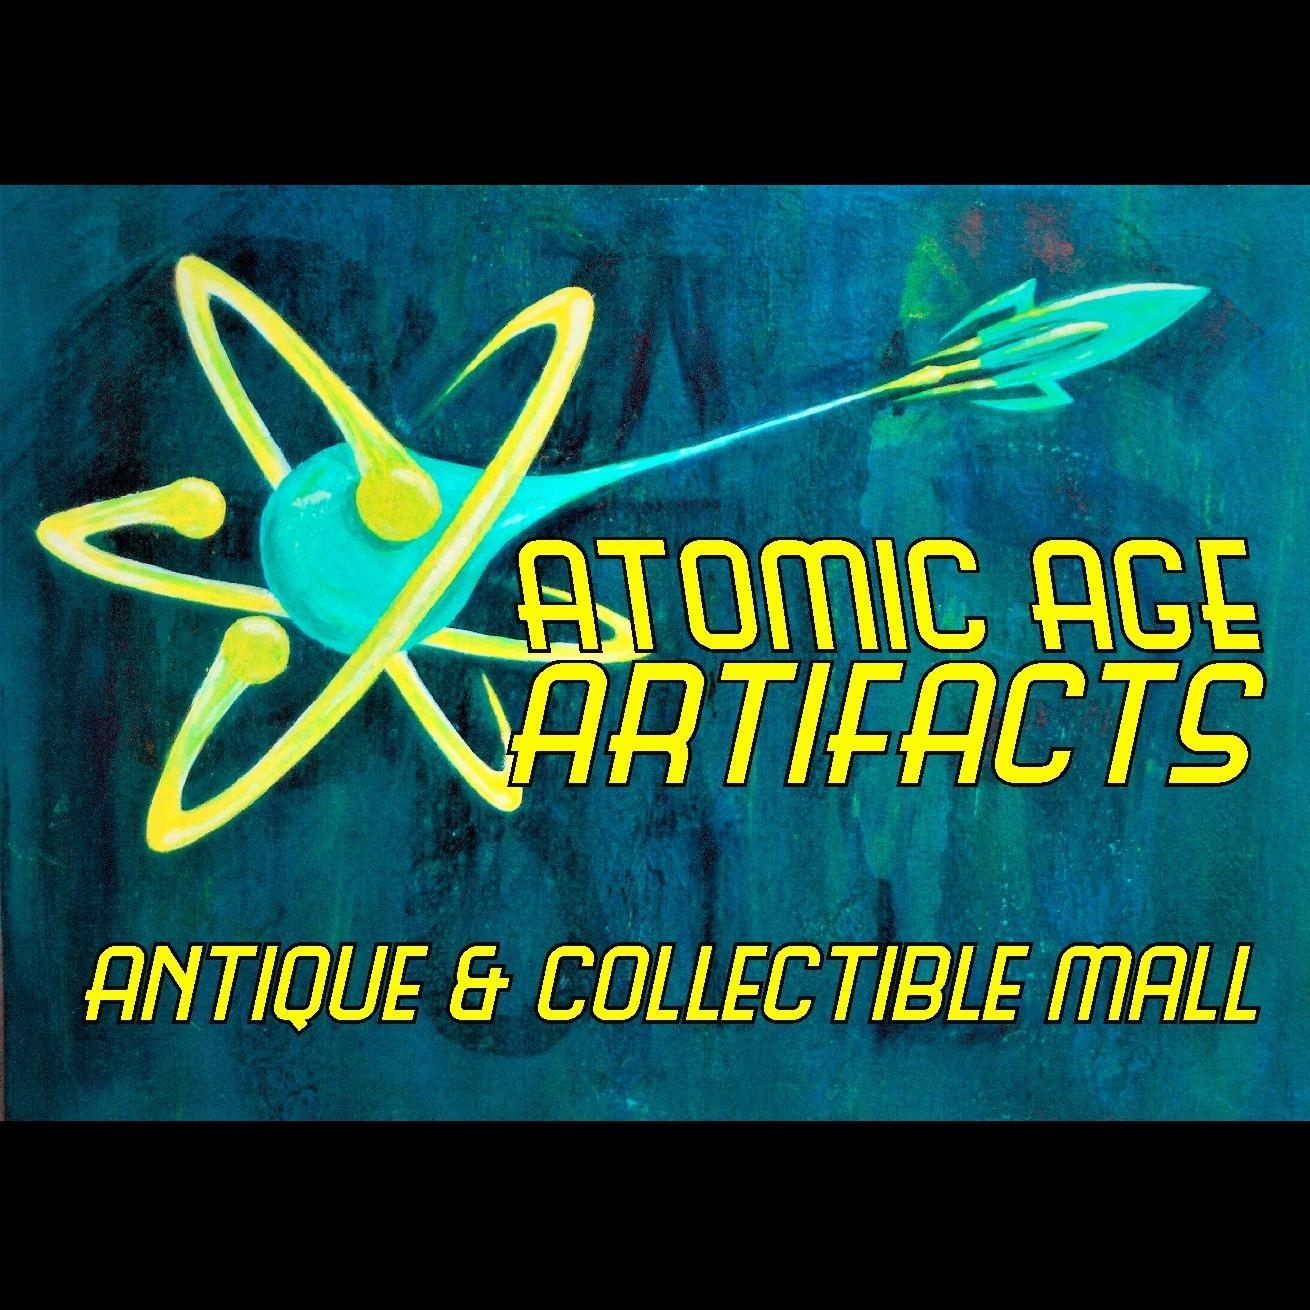 Atomic Age Artifacts, LLC